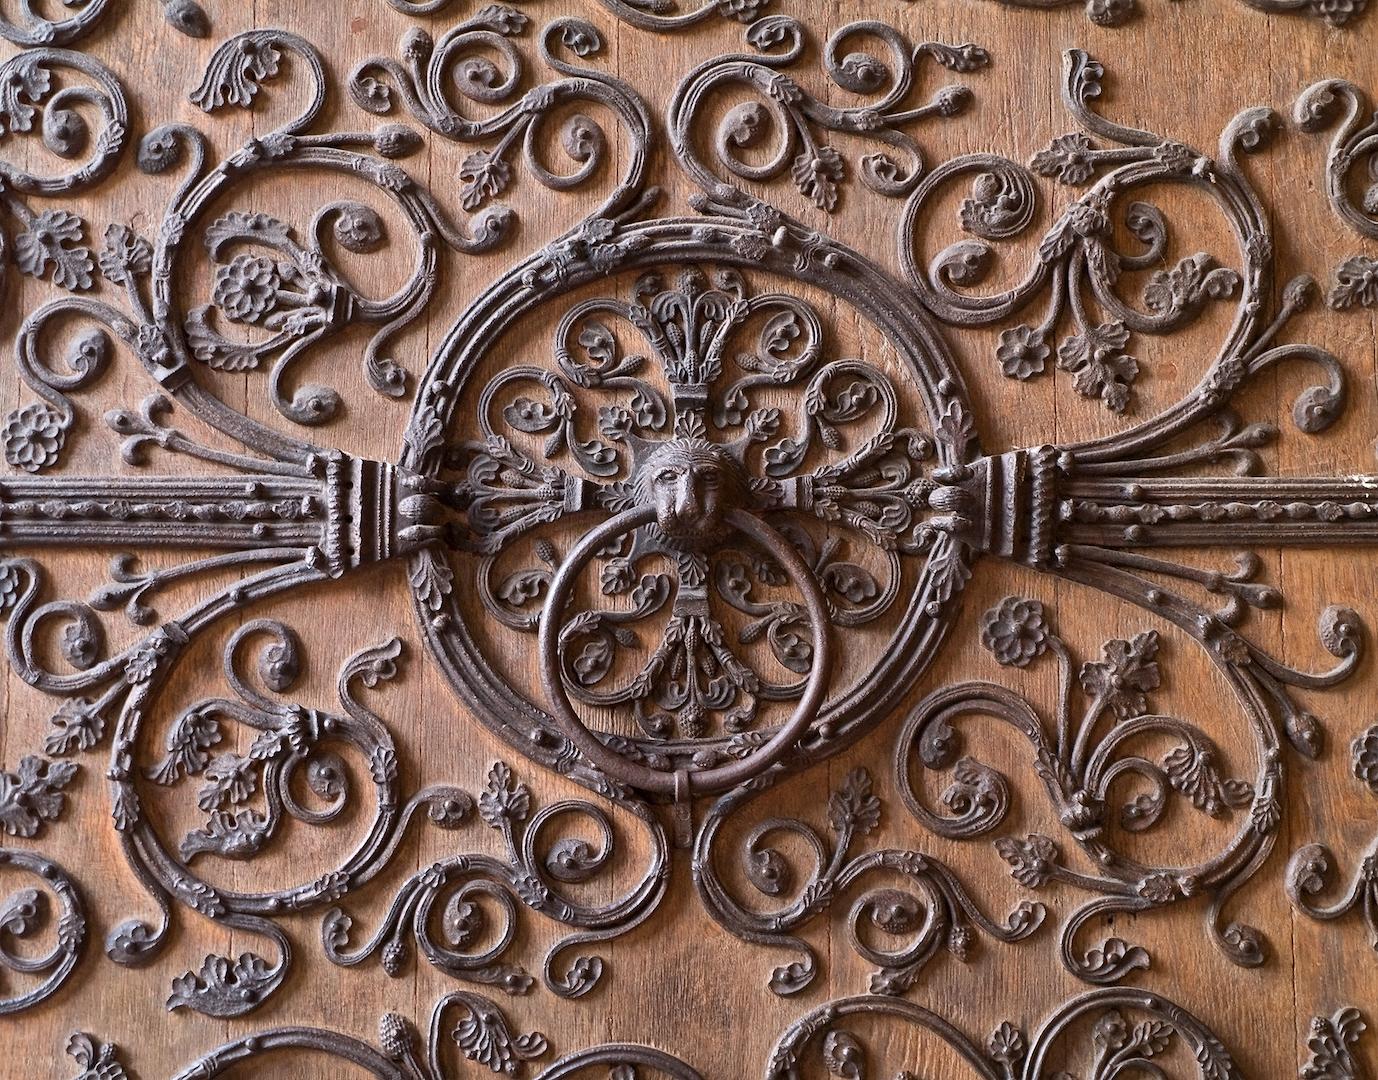 Anneau_portail_de_la_Vierge_Notre-Dame_de_Paris